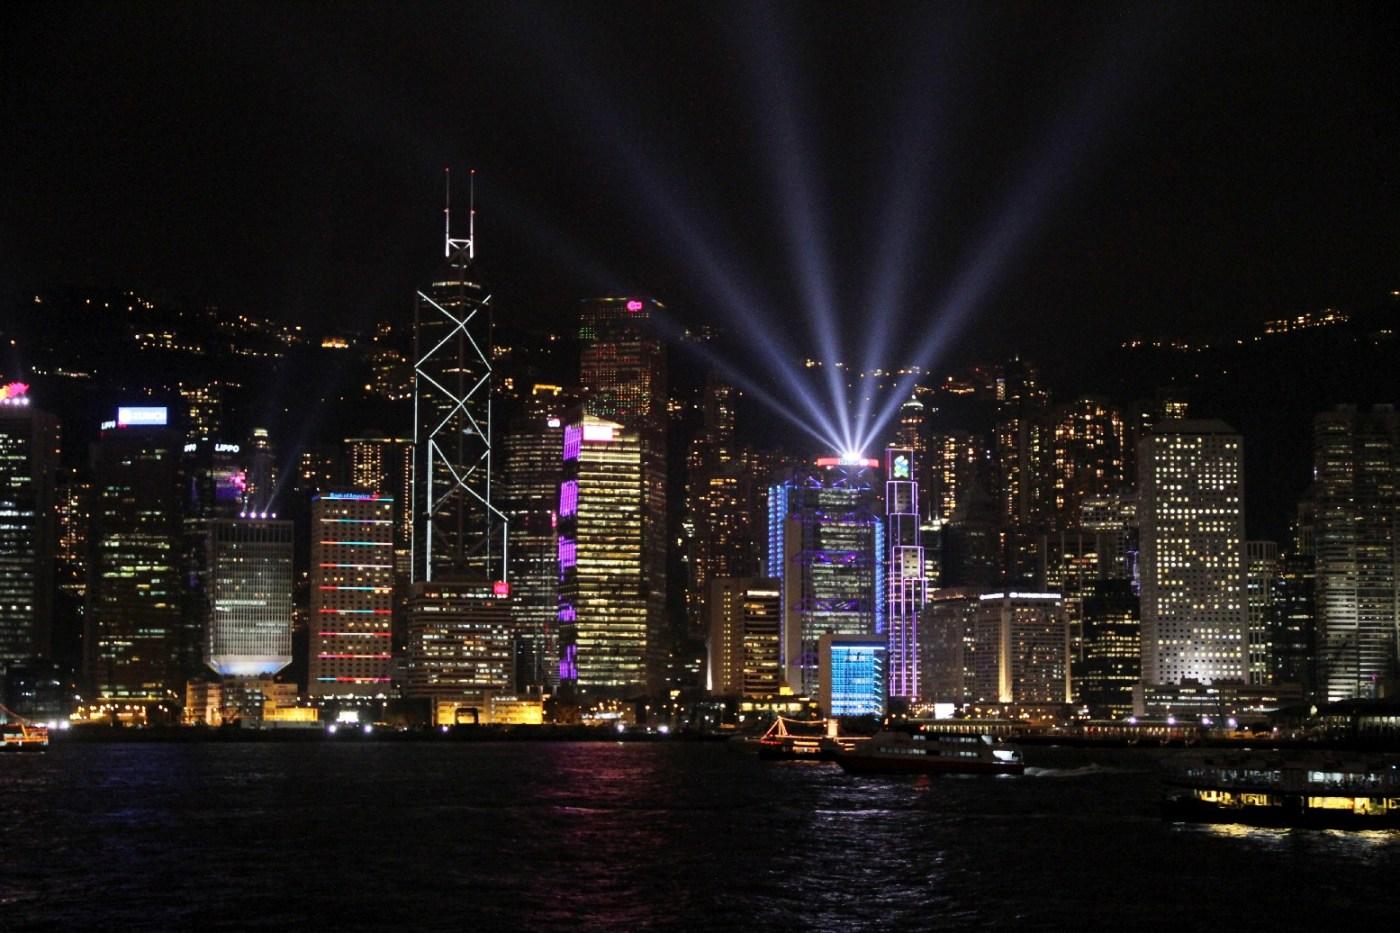 Sinfonia de Luzes, apresentação diária sobre o skyline de Hong Kong (foto: Eduardo Vessoni)